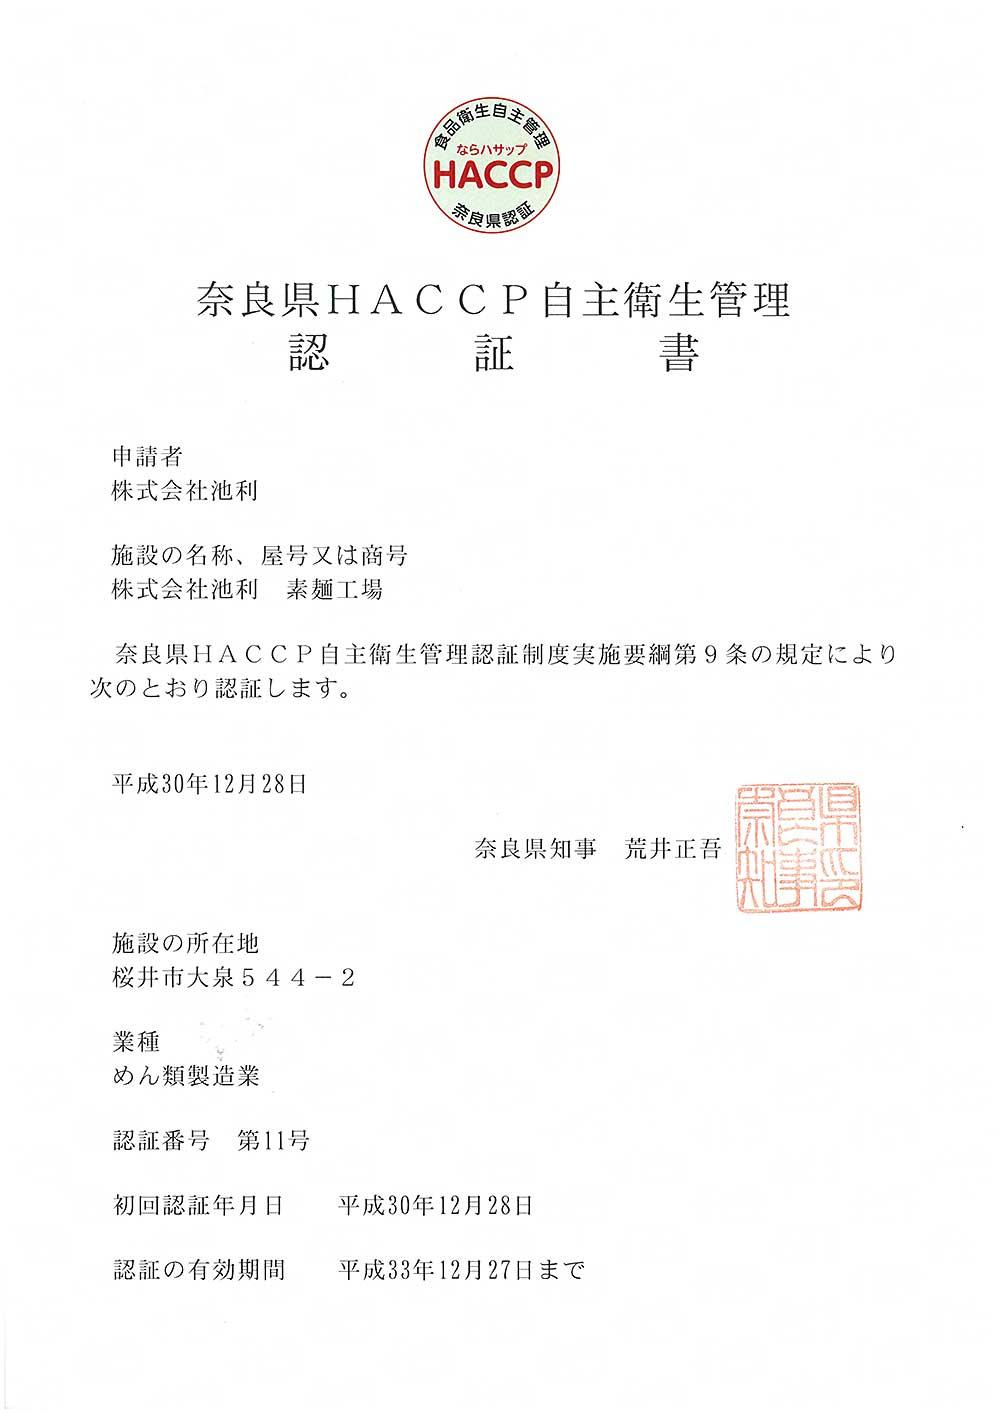 ならHACCP認証書